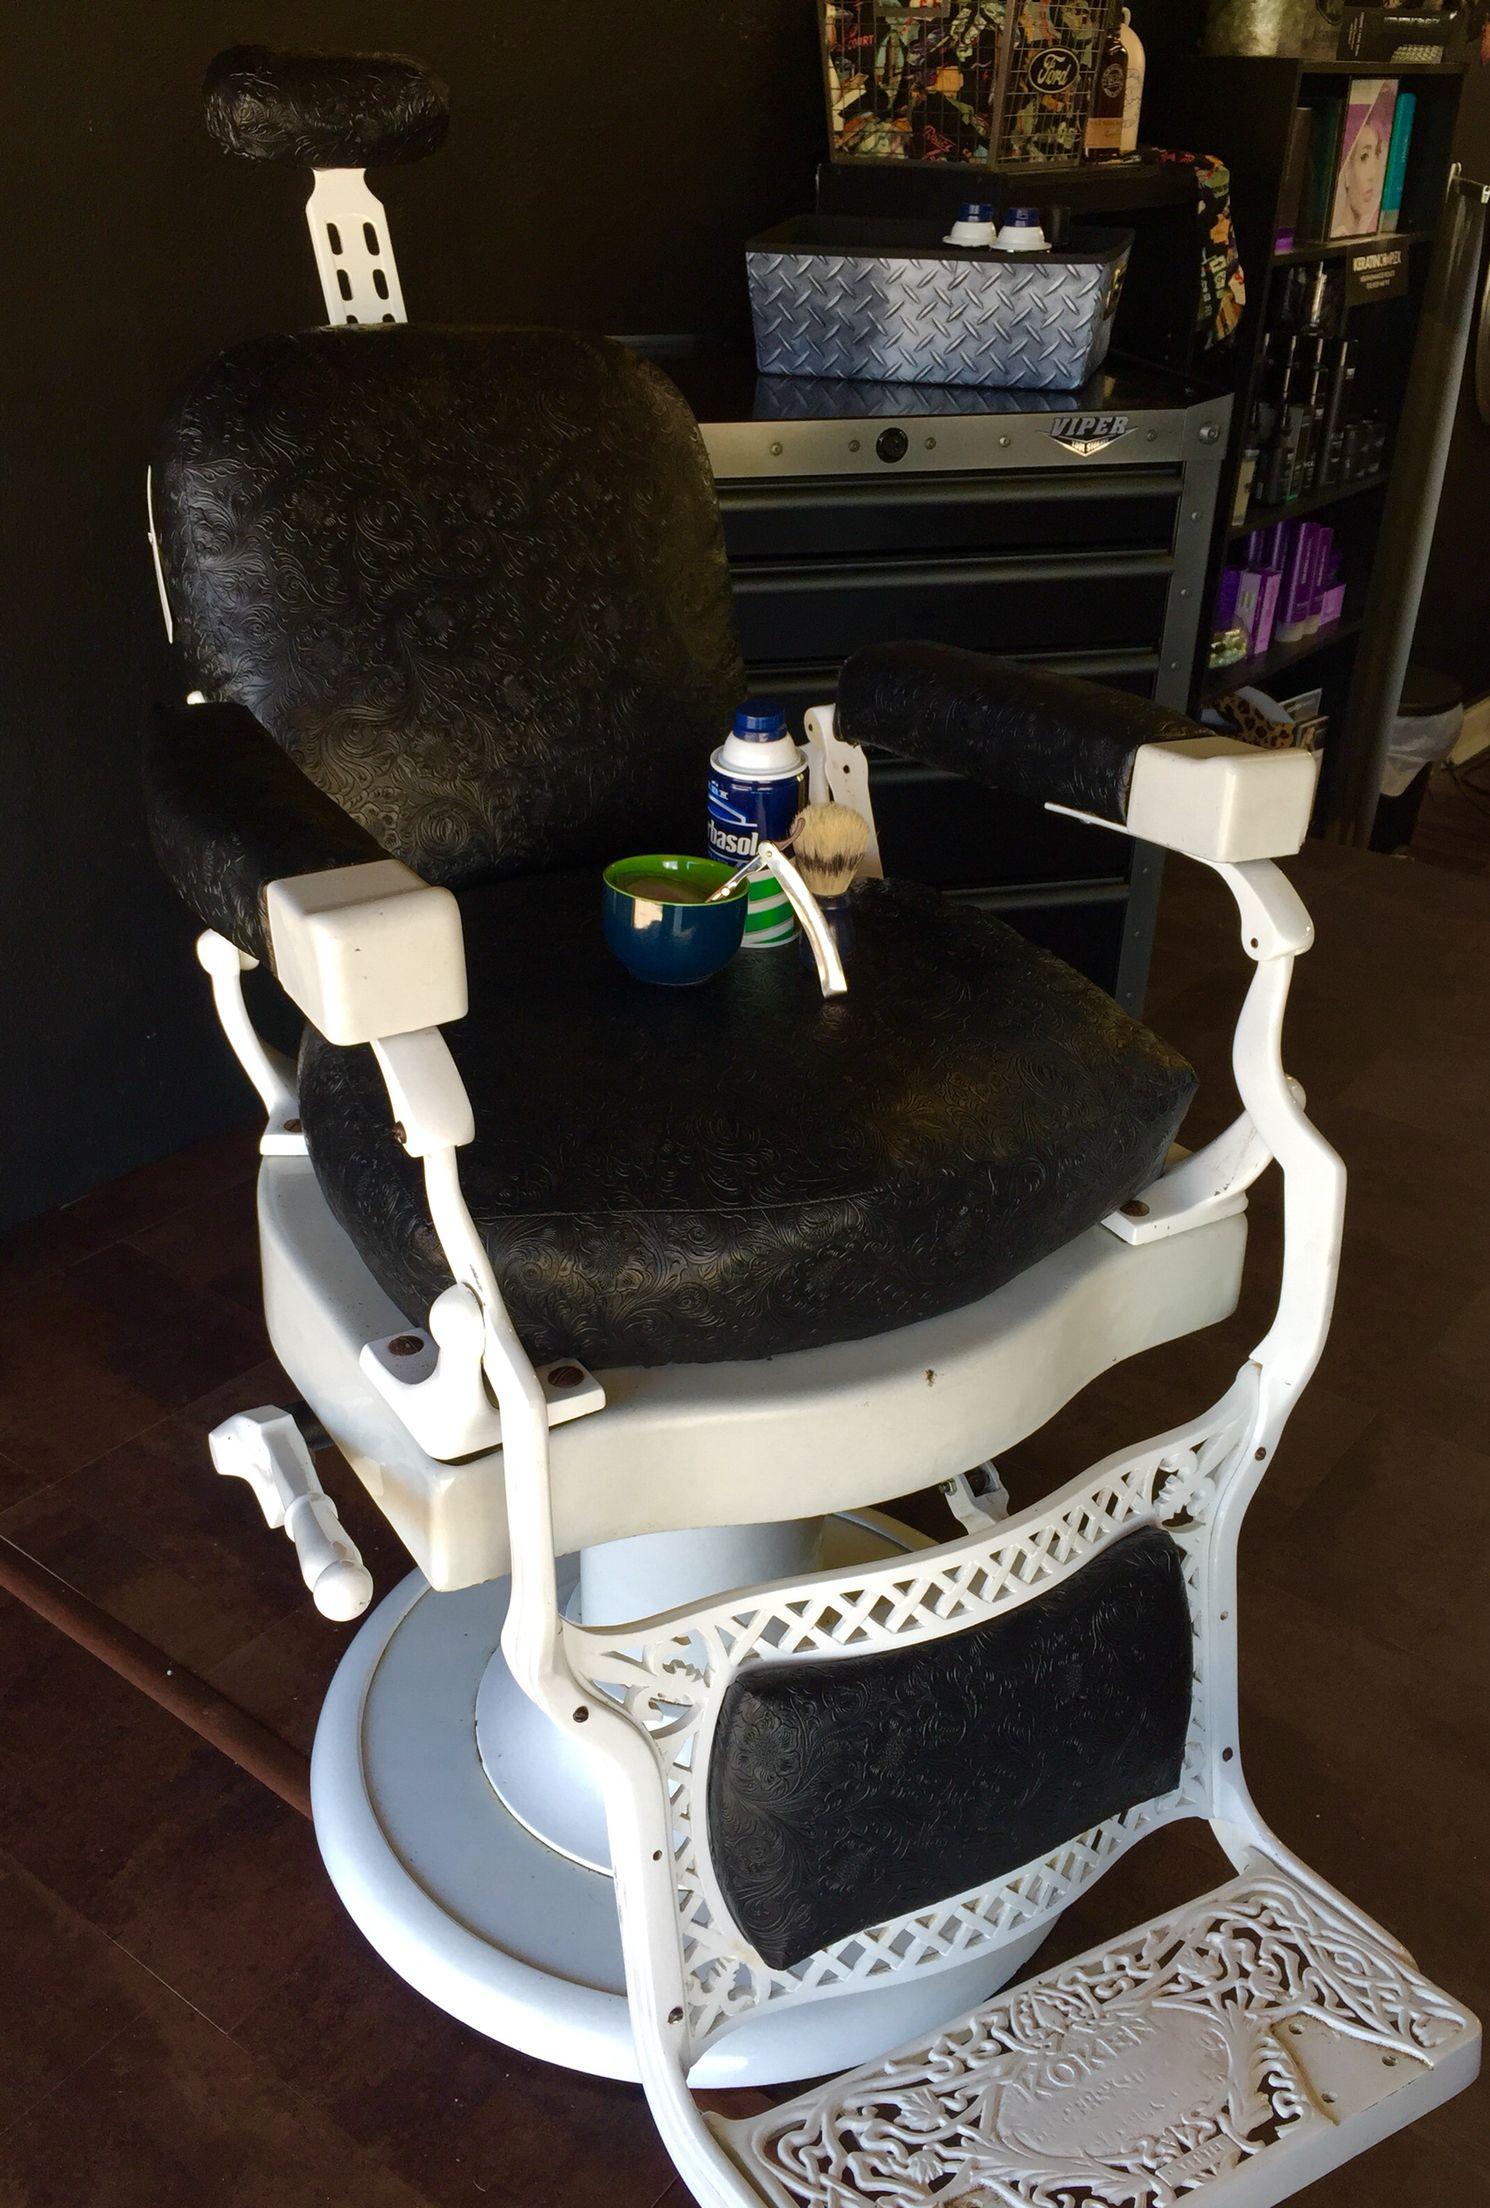 chair barberchair htm img oak barber acbarberchair koken ciscoefurniture